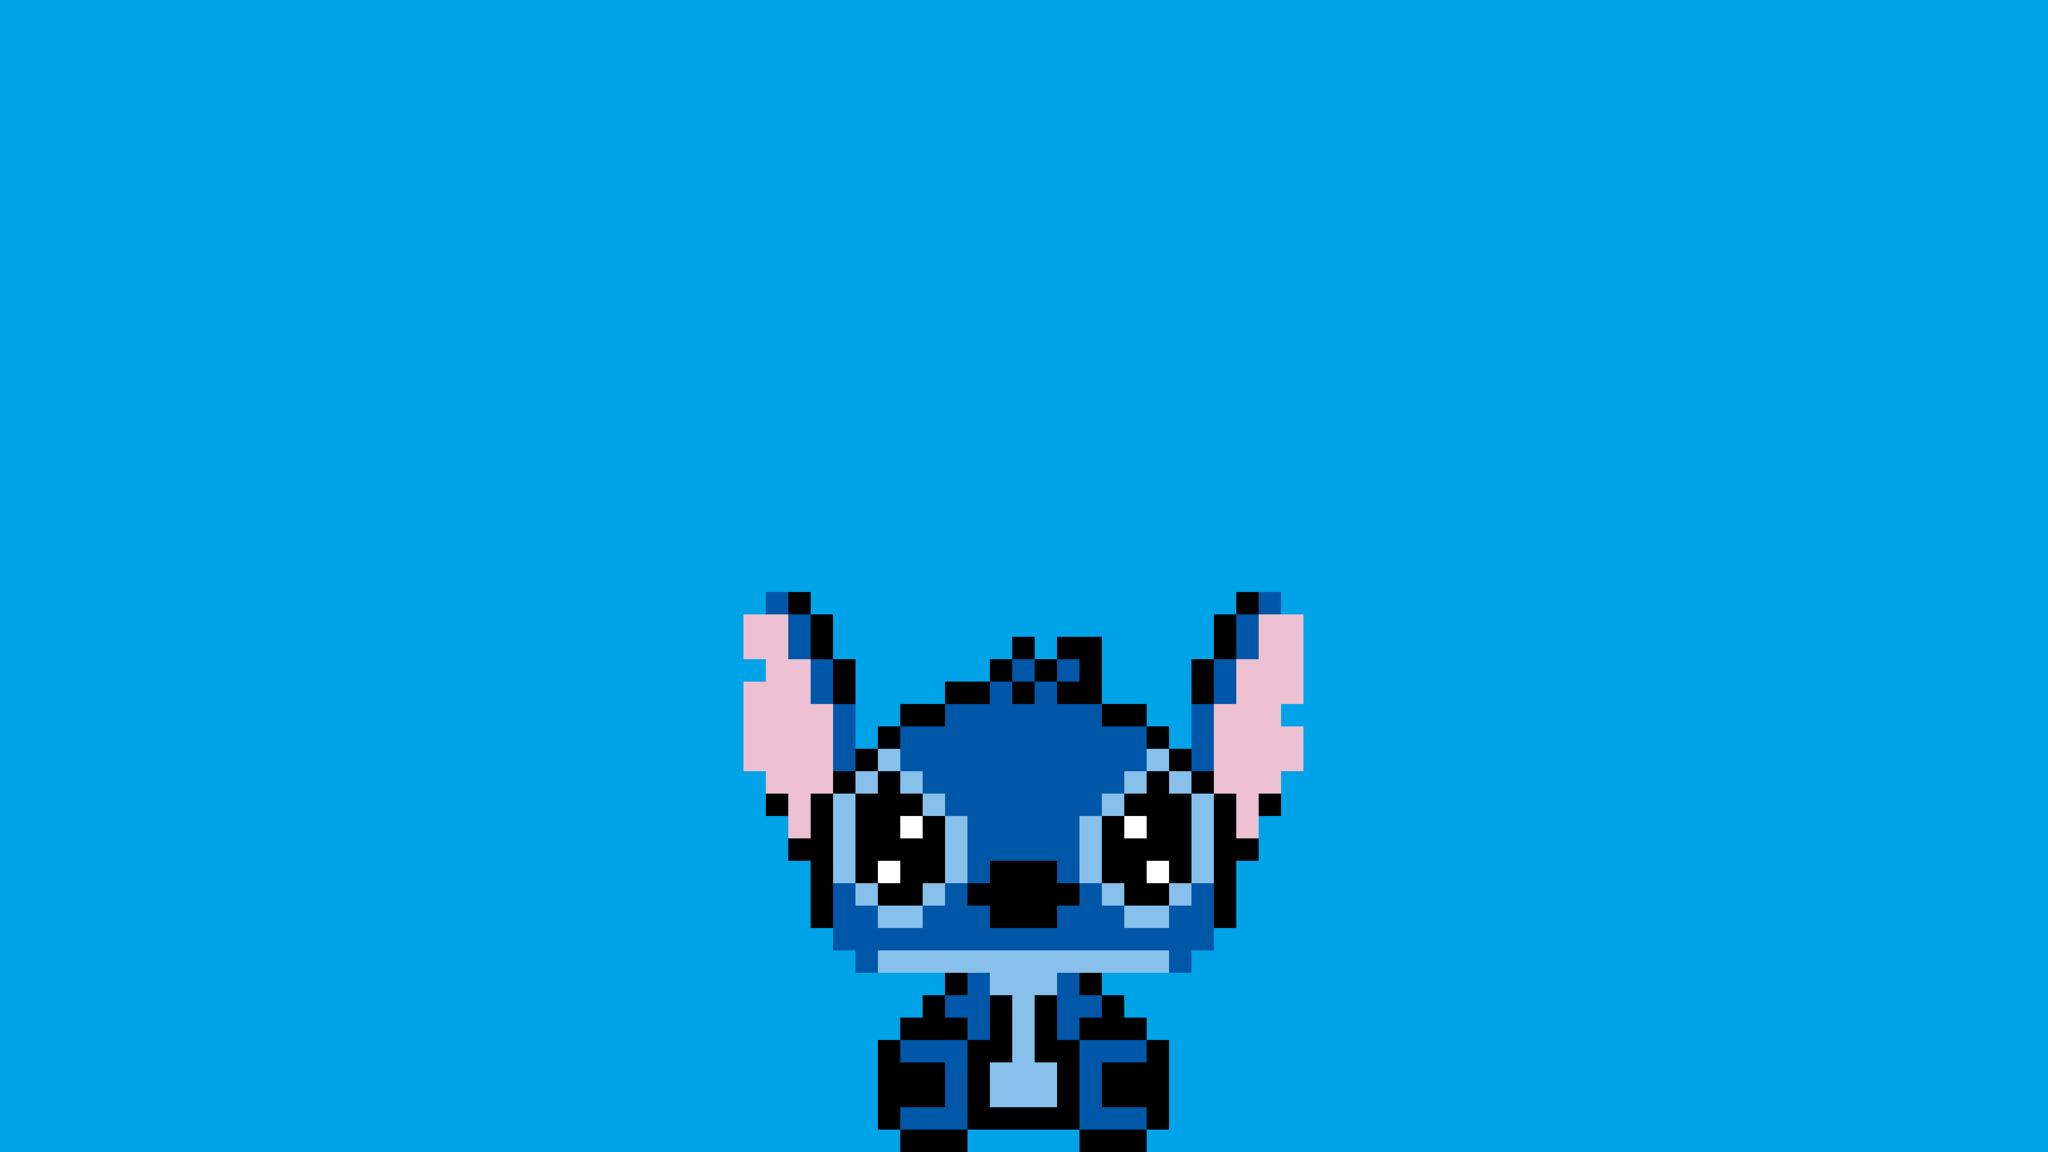 2048x1152 Stitch Pixel Art 2048x1152 Resolution Hd 4k